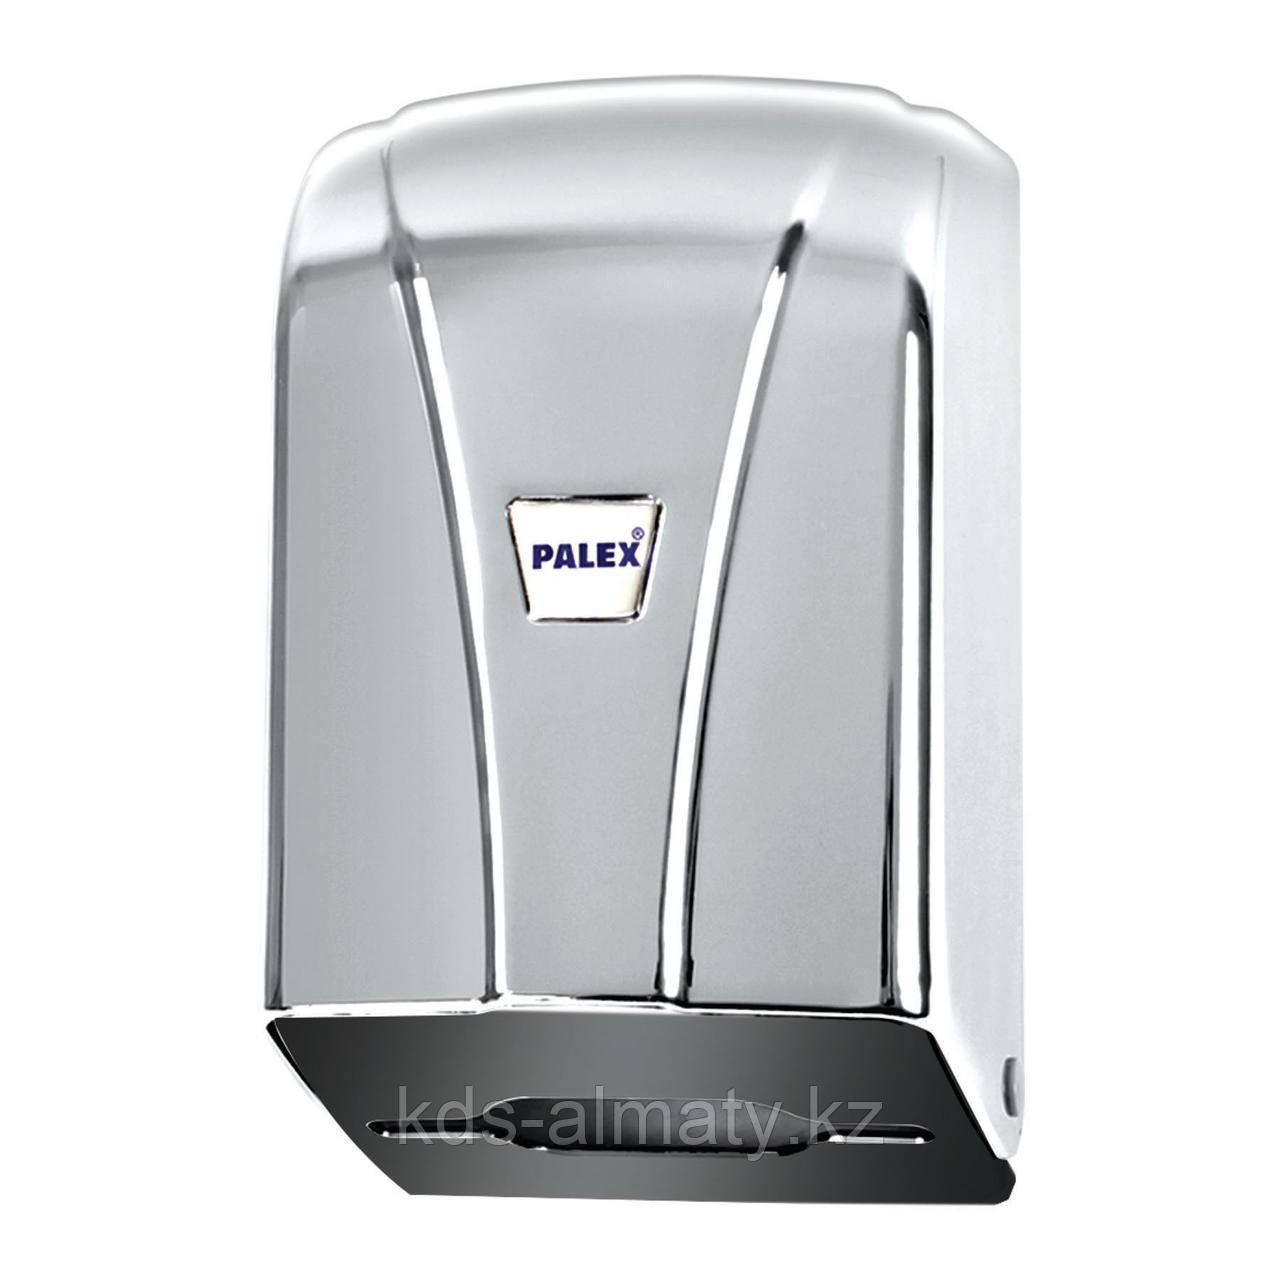 Диспенсер для листовой туалетной бумаги Z уклад (хром)